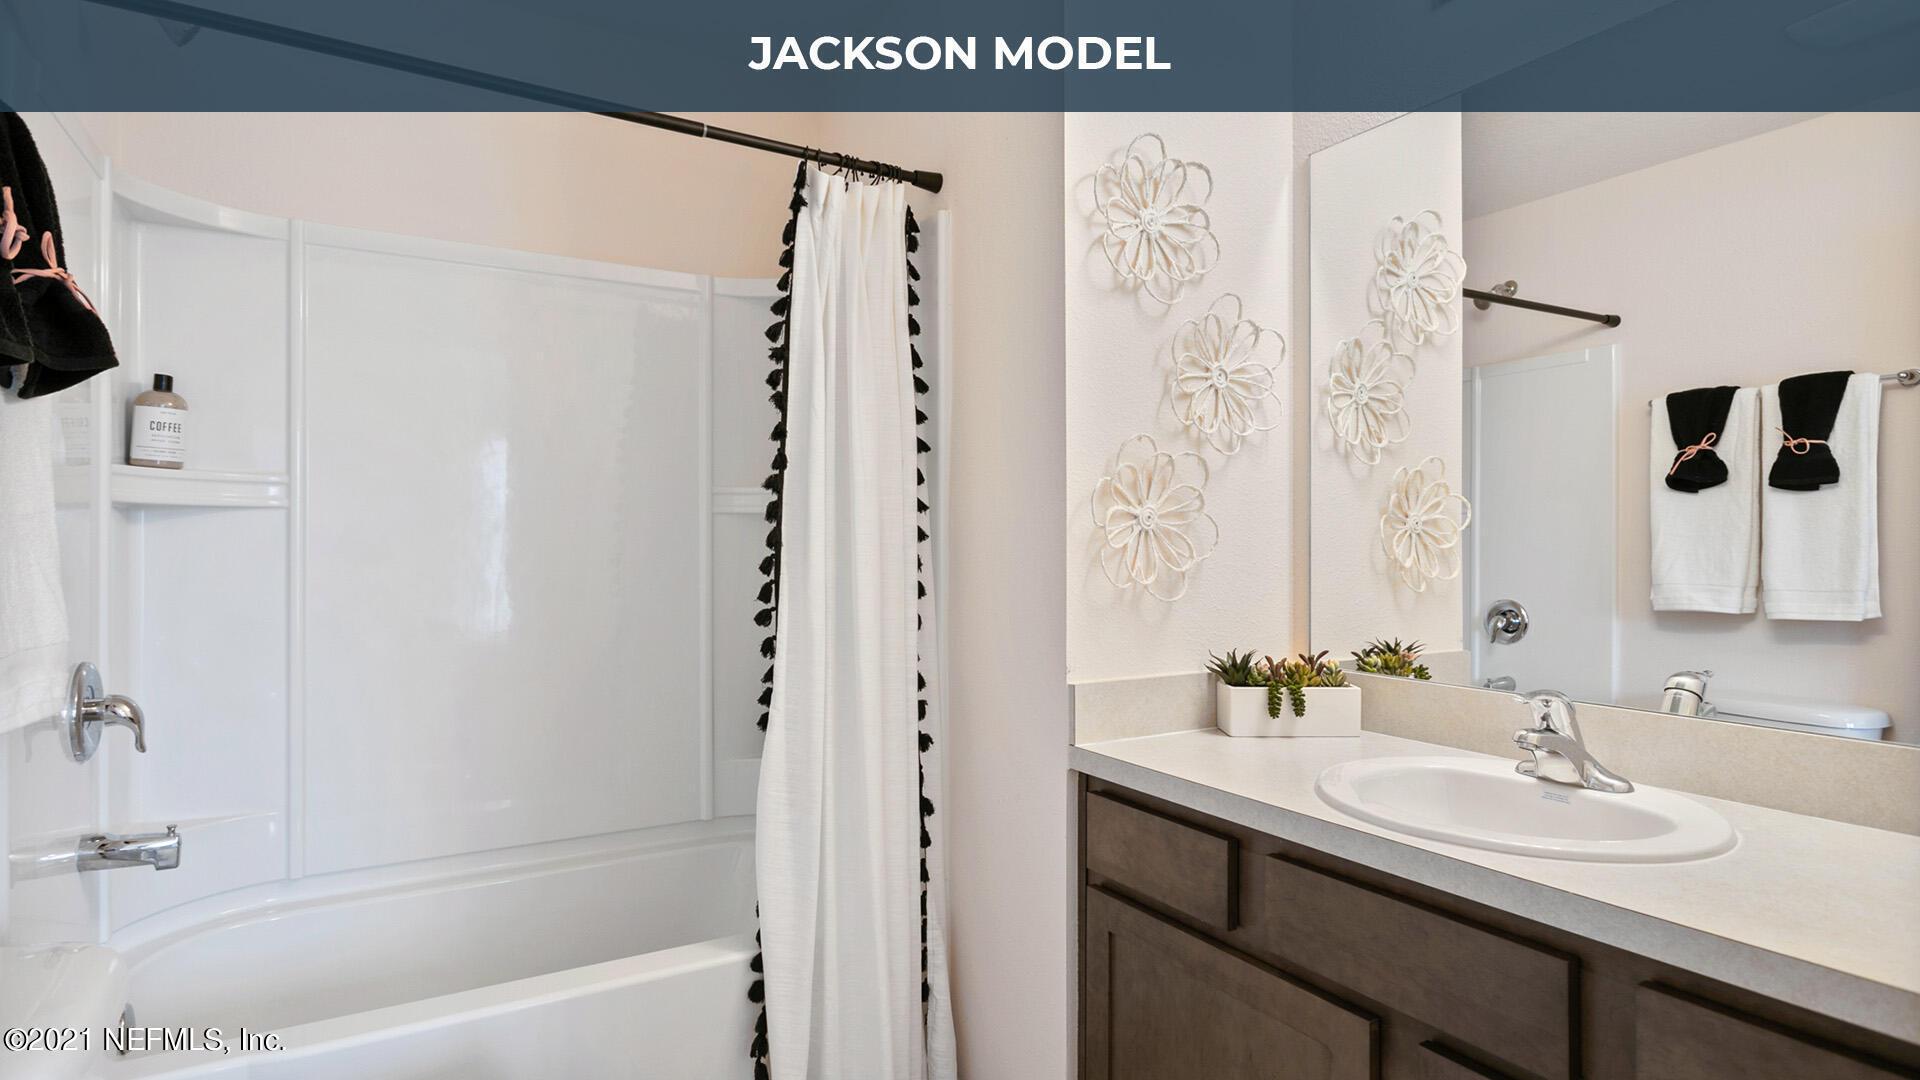 575 OAKLEAF PLANTATION, ORANGE PARK, FLORIDA 32065, 2 Bedrooms Bedrooms, ,2 BathroomsBathrooms,Residential,For sale,OAKLEAF PLANTATION,1105766